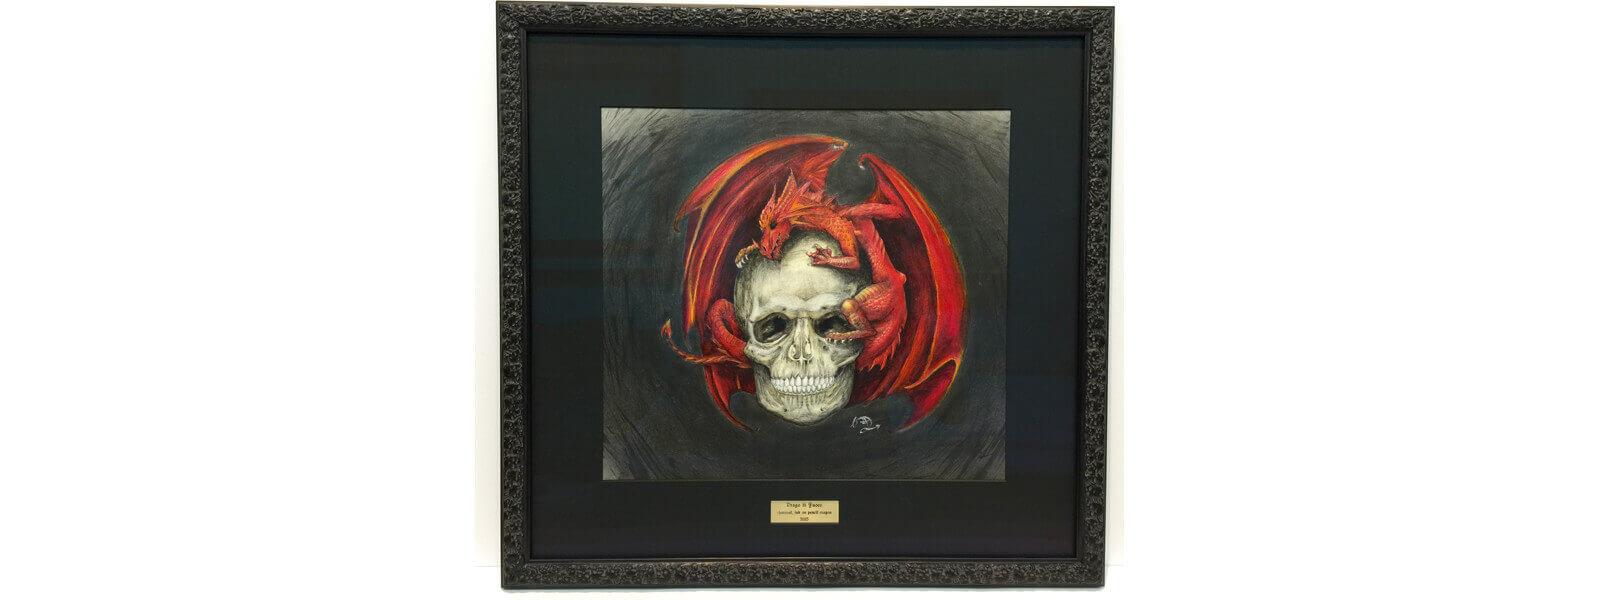 HS-skull-dragon-art-framed